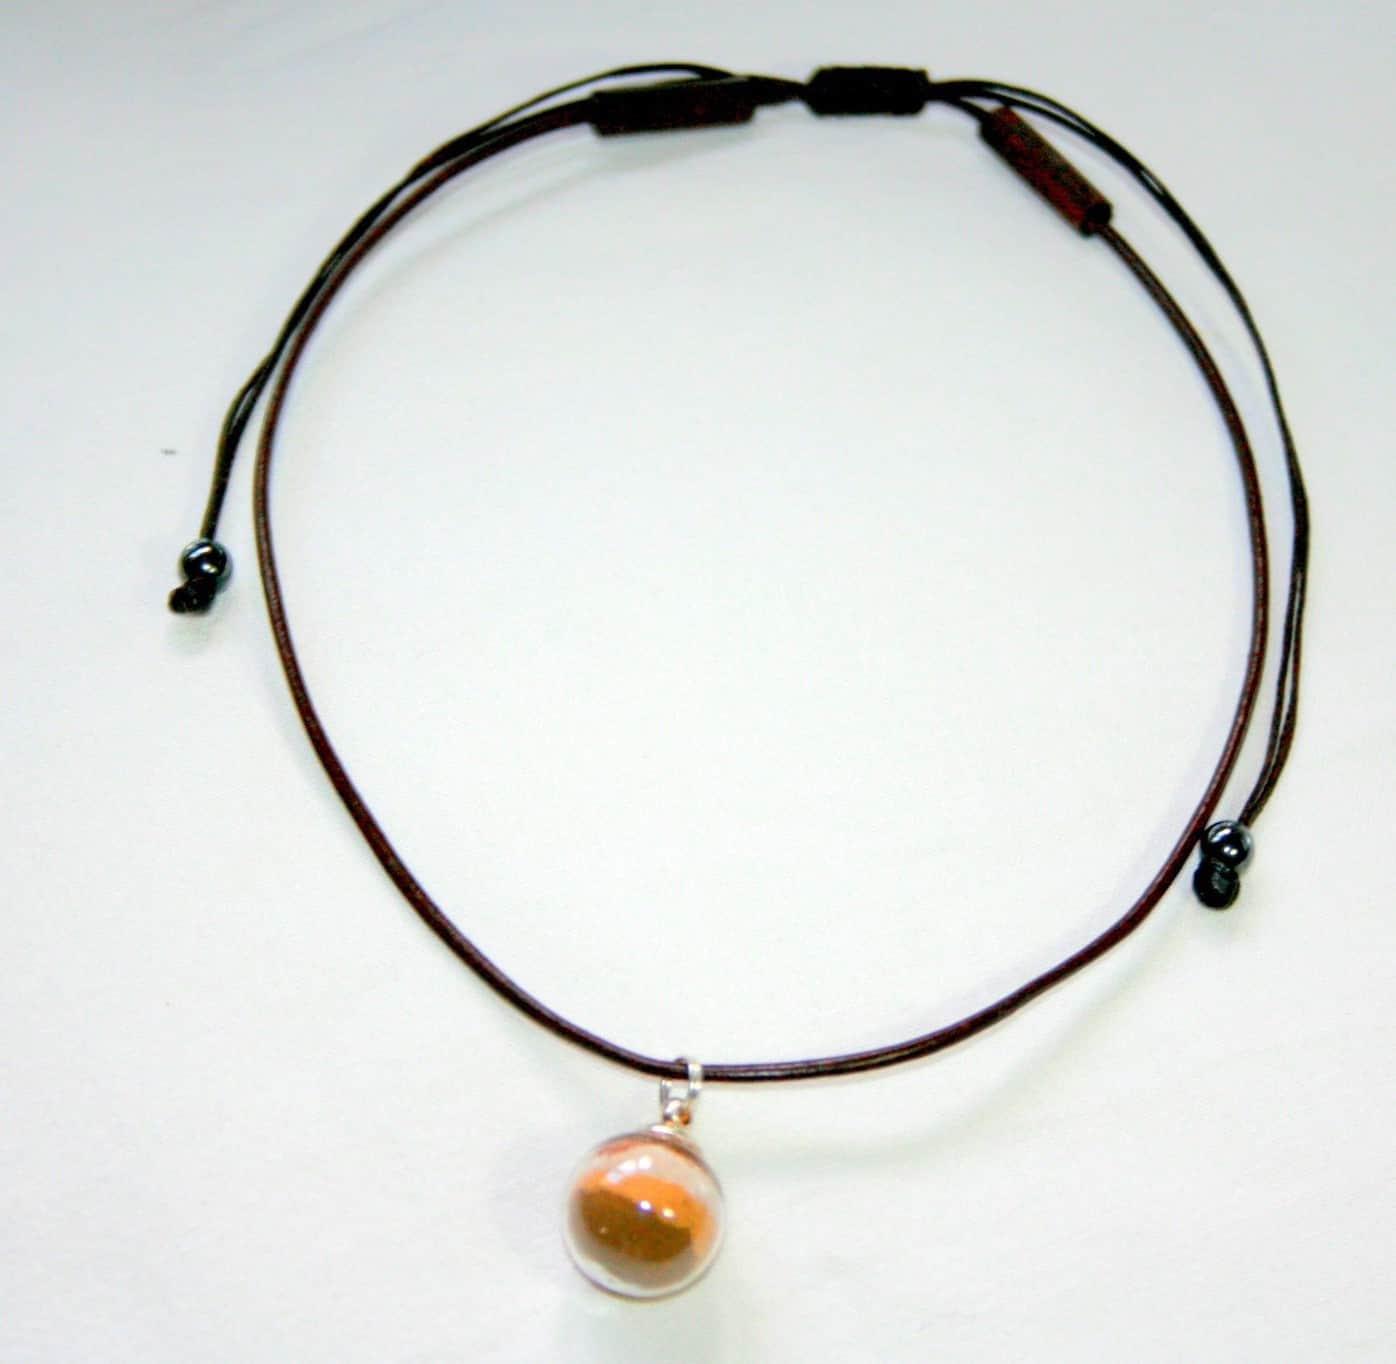 mauritius-arts-nathalie-laridain-collier-avec-une-boule-de-verre